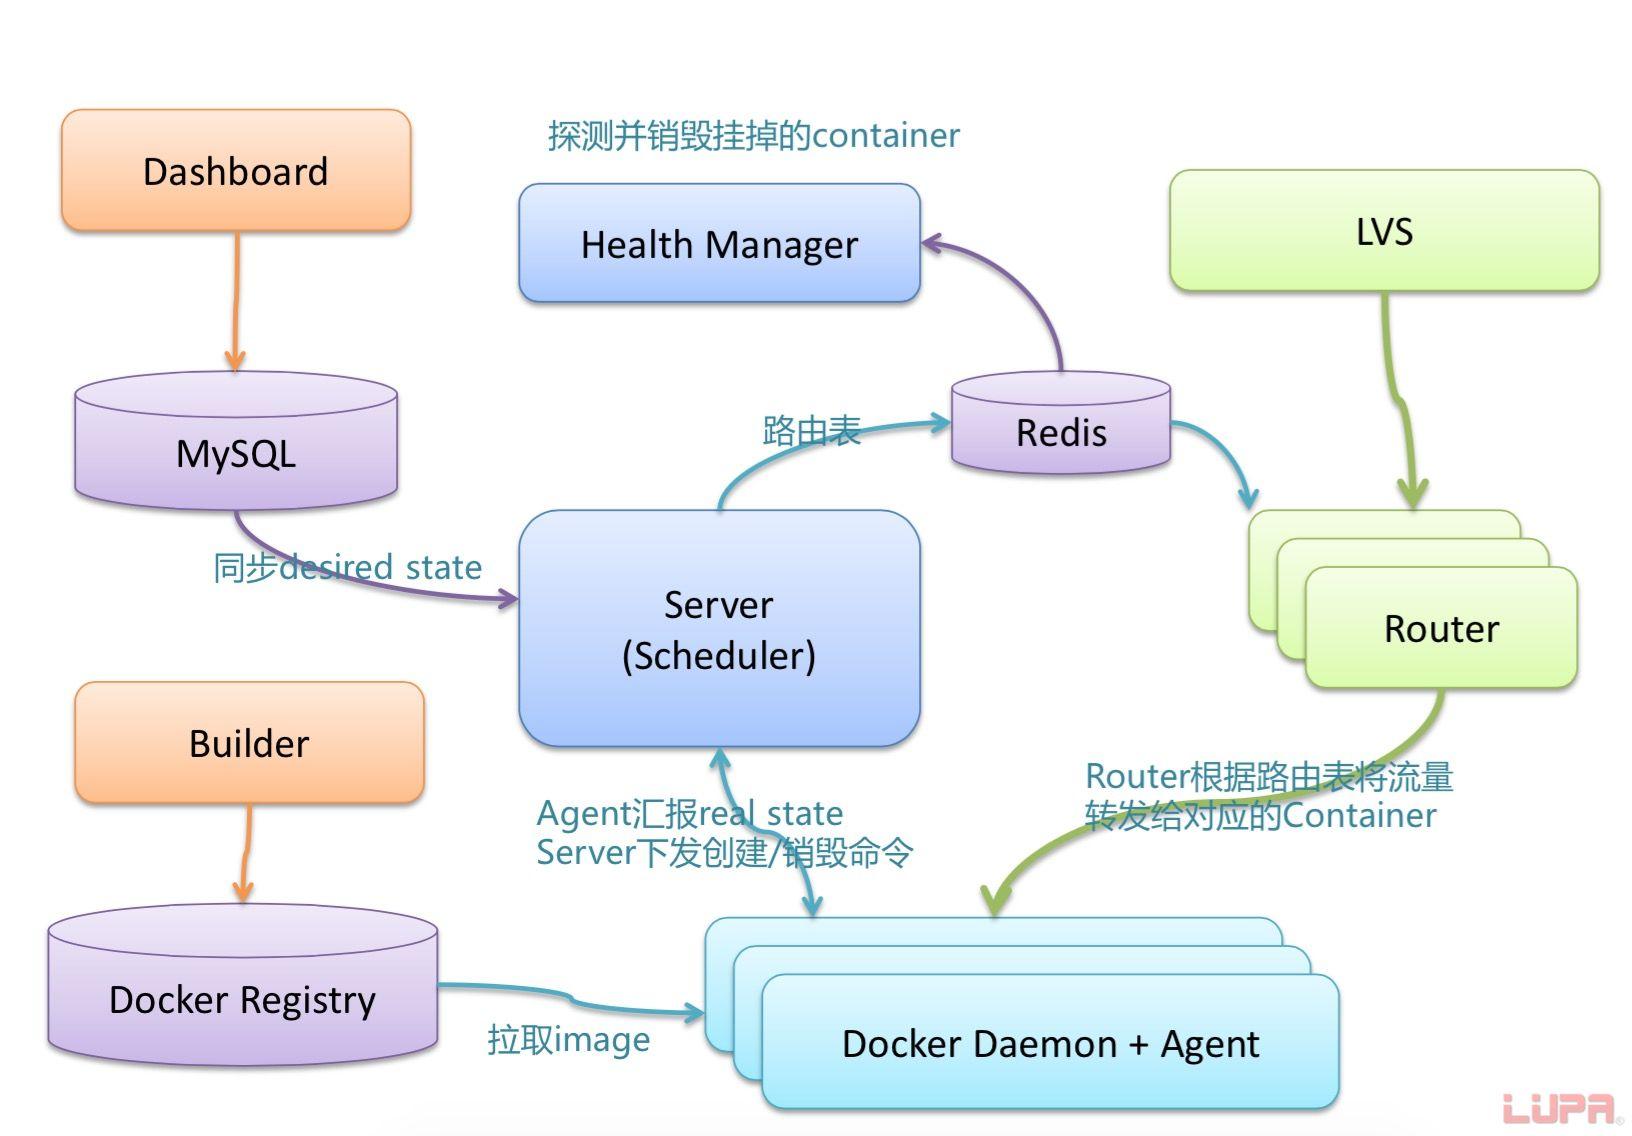 小米手机公司组织结构图